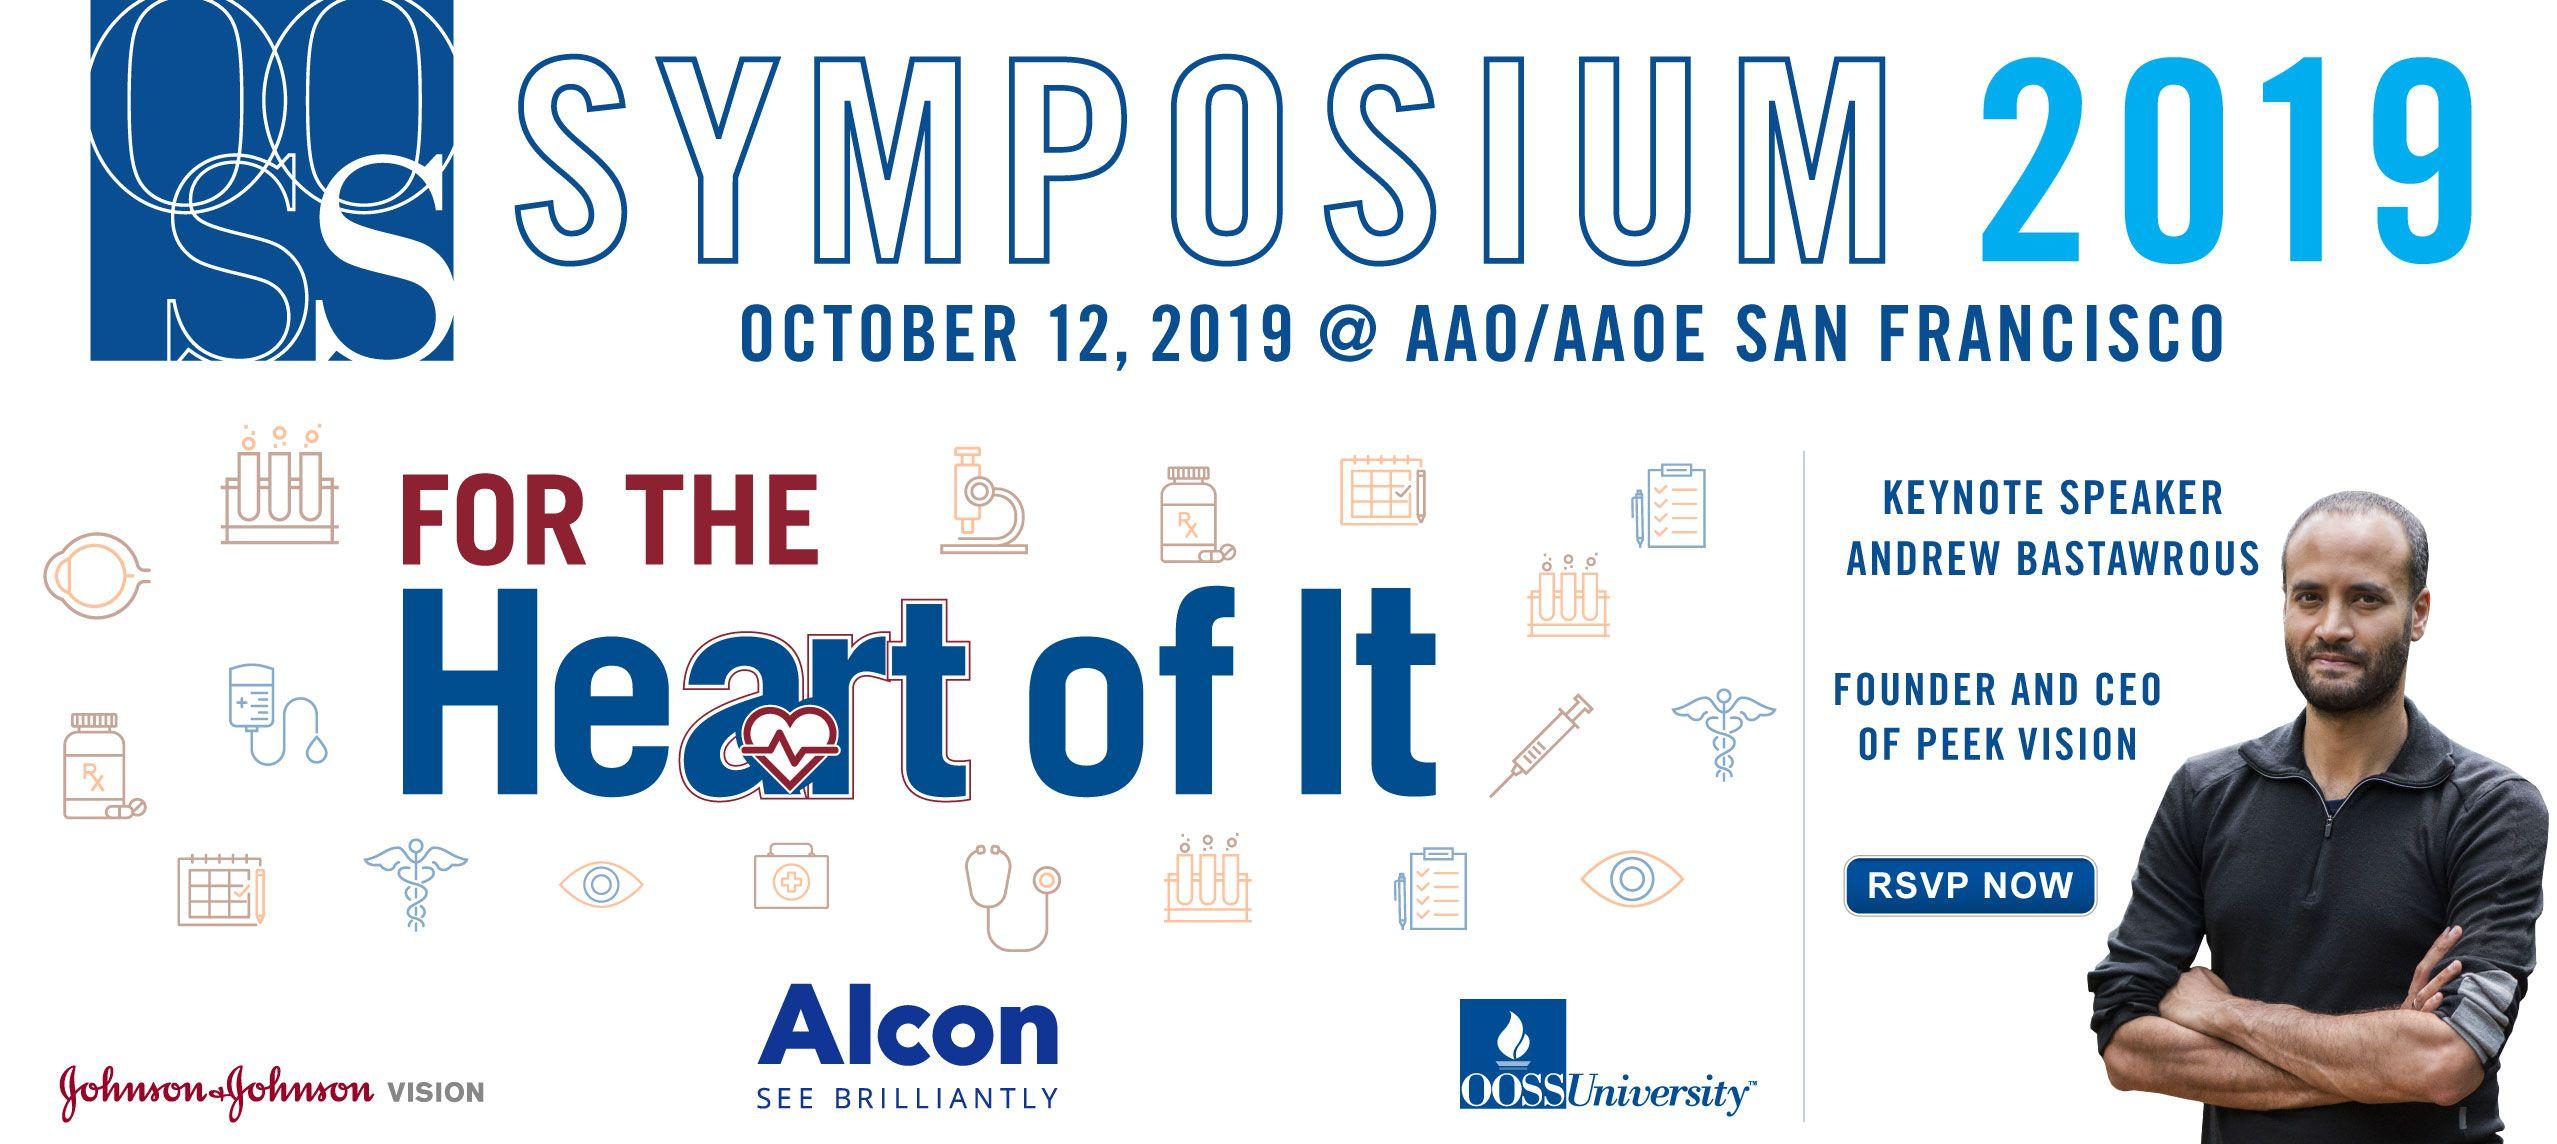 Symposium 2019 AO/AAOE San Francisco